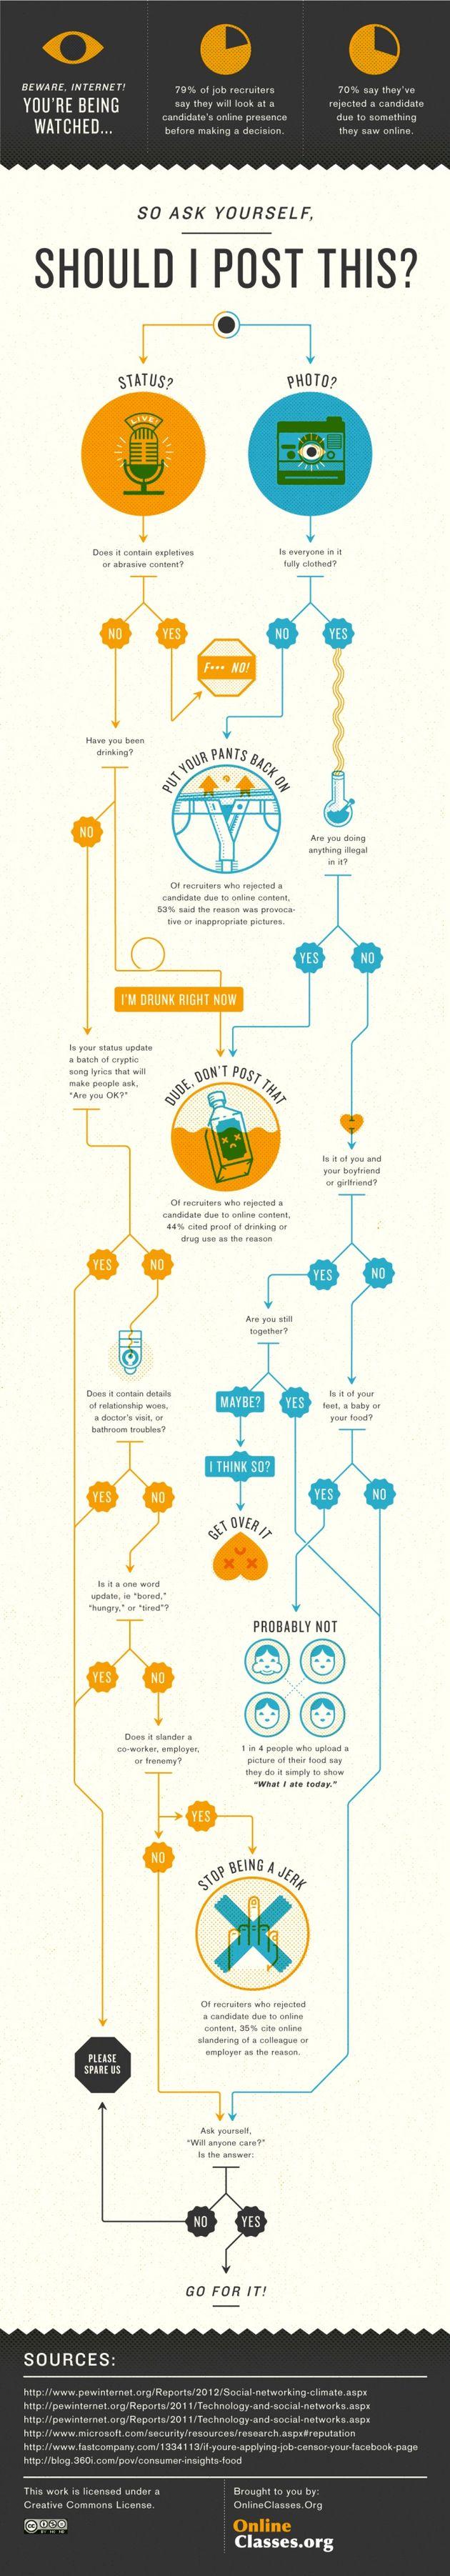 infographic moet ik dit plaatsen